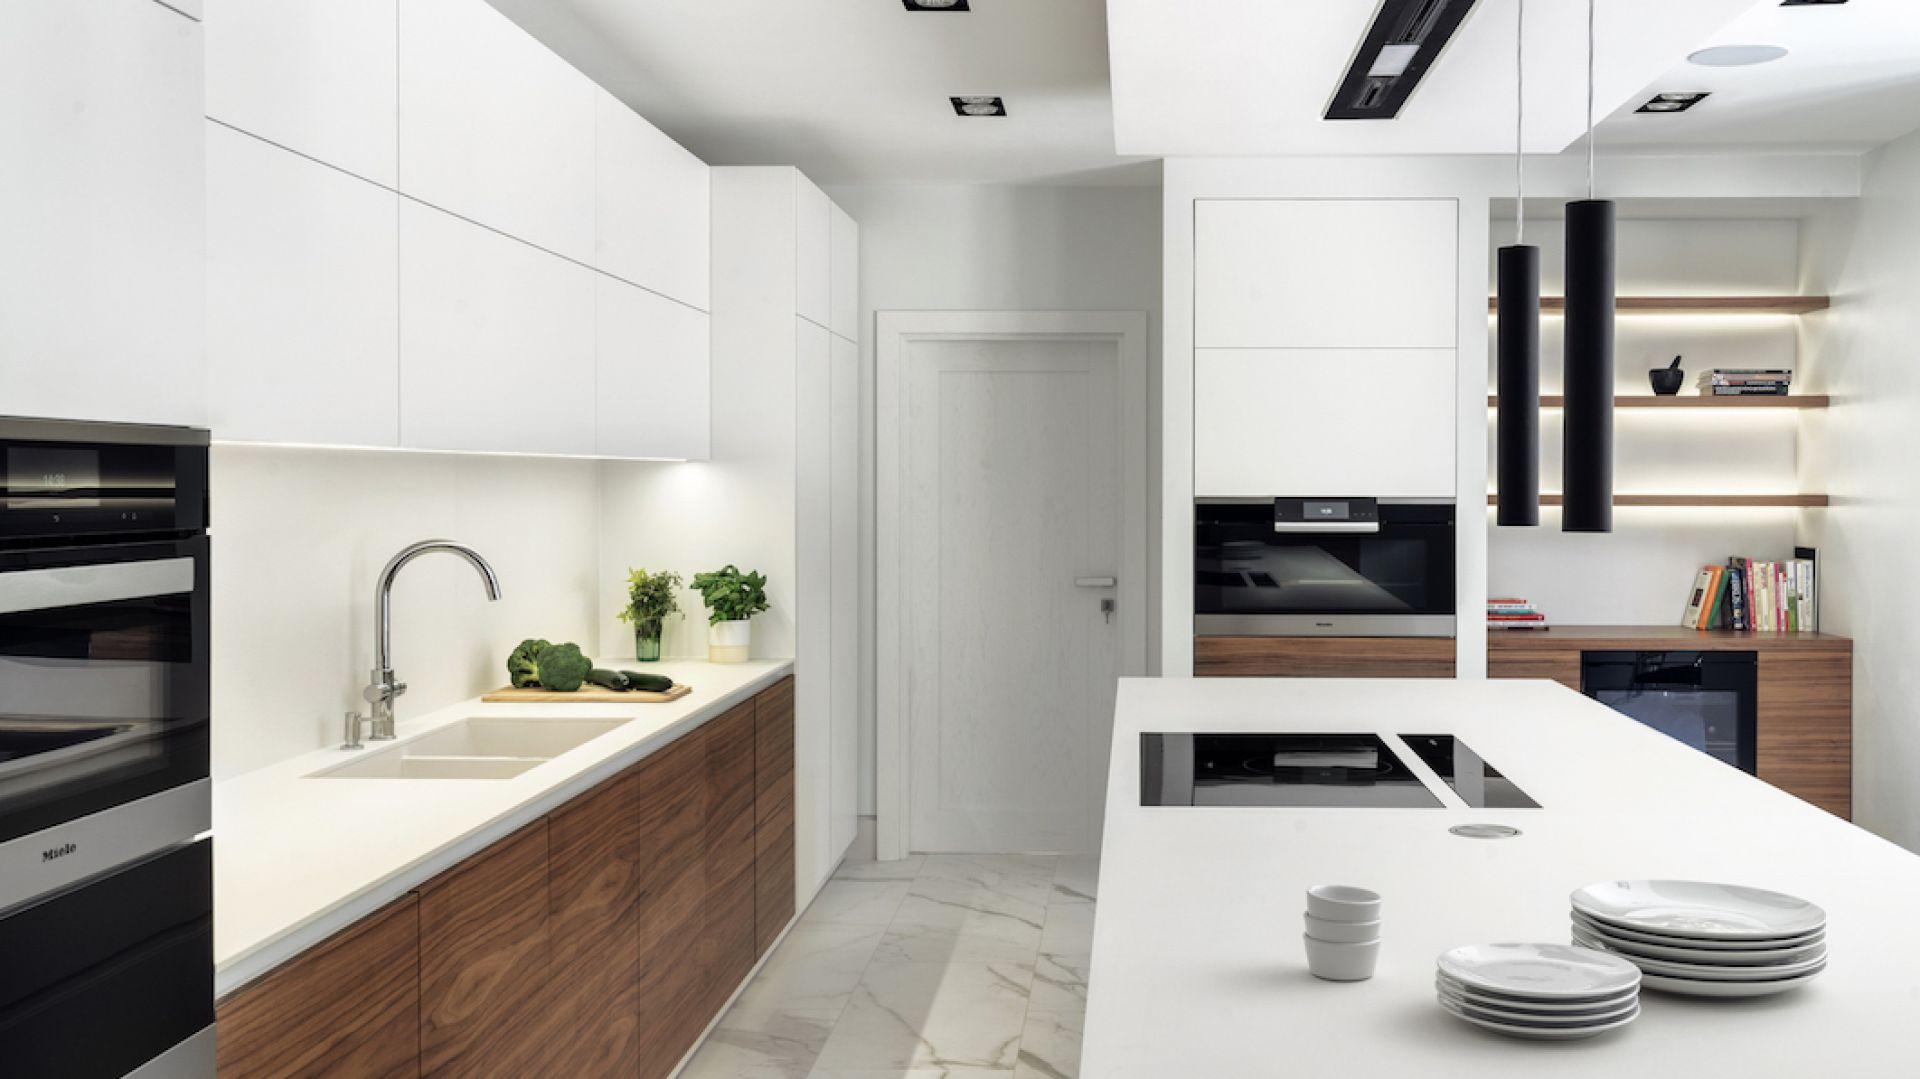 Kuchnia w Londynie: model Z1. Fot. Zajc